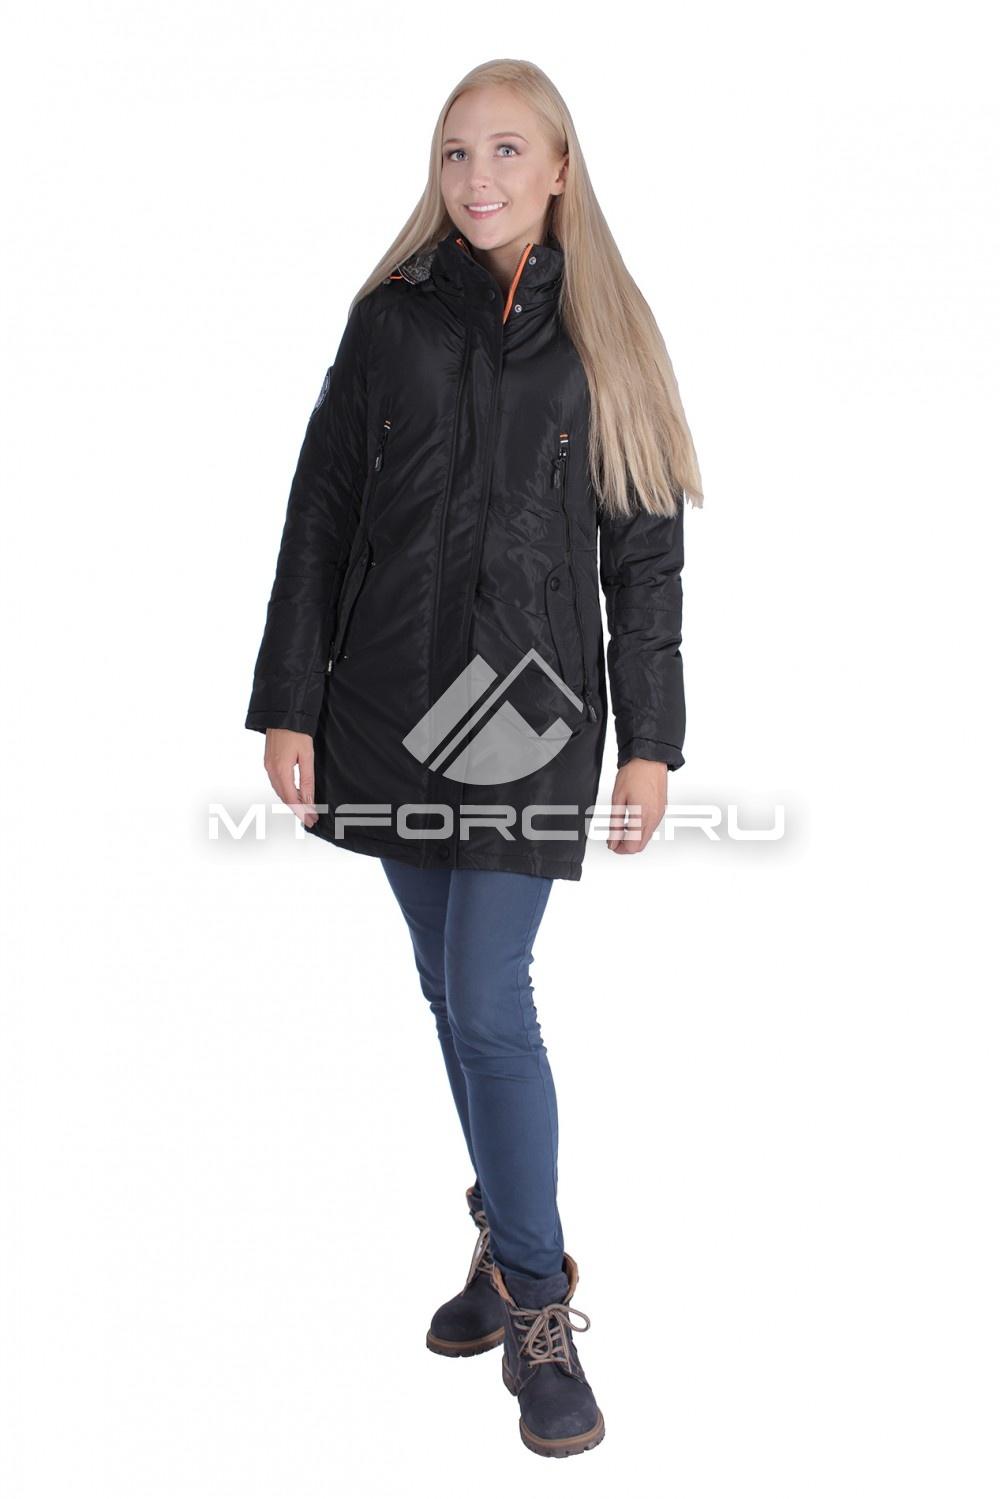 Купить                                  оптом Итальянская куртка женская черного цвета 1691Ch